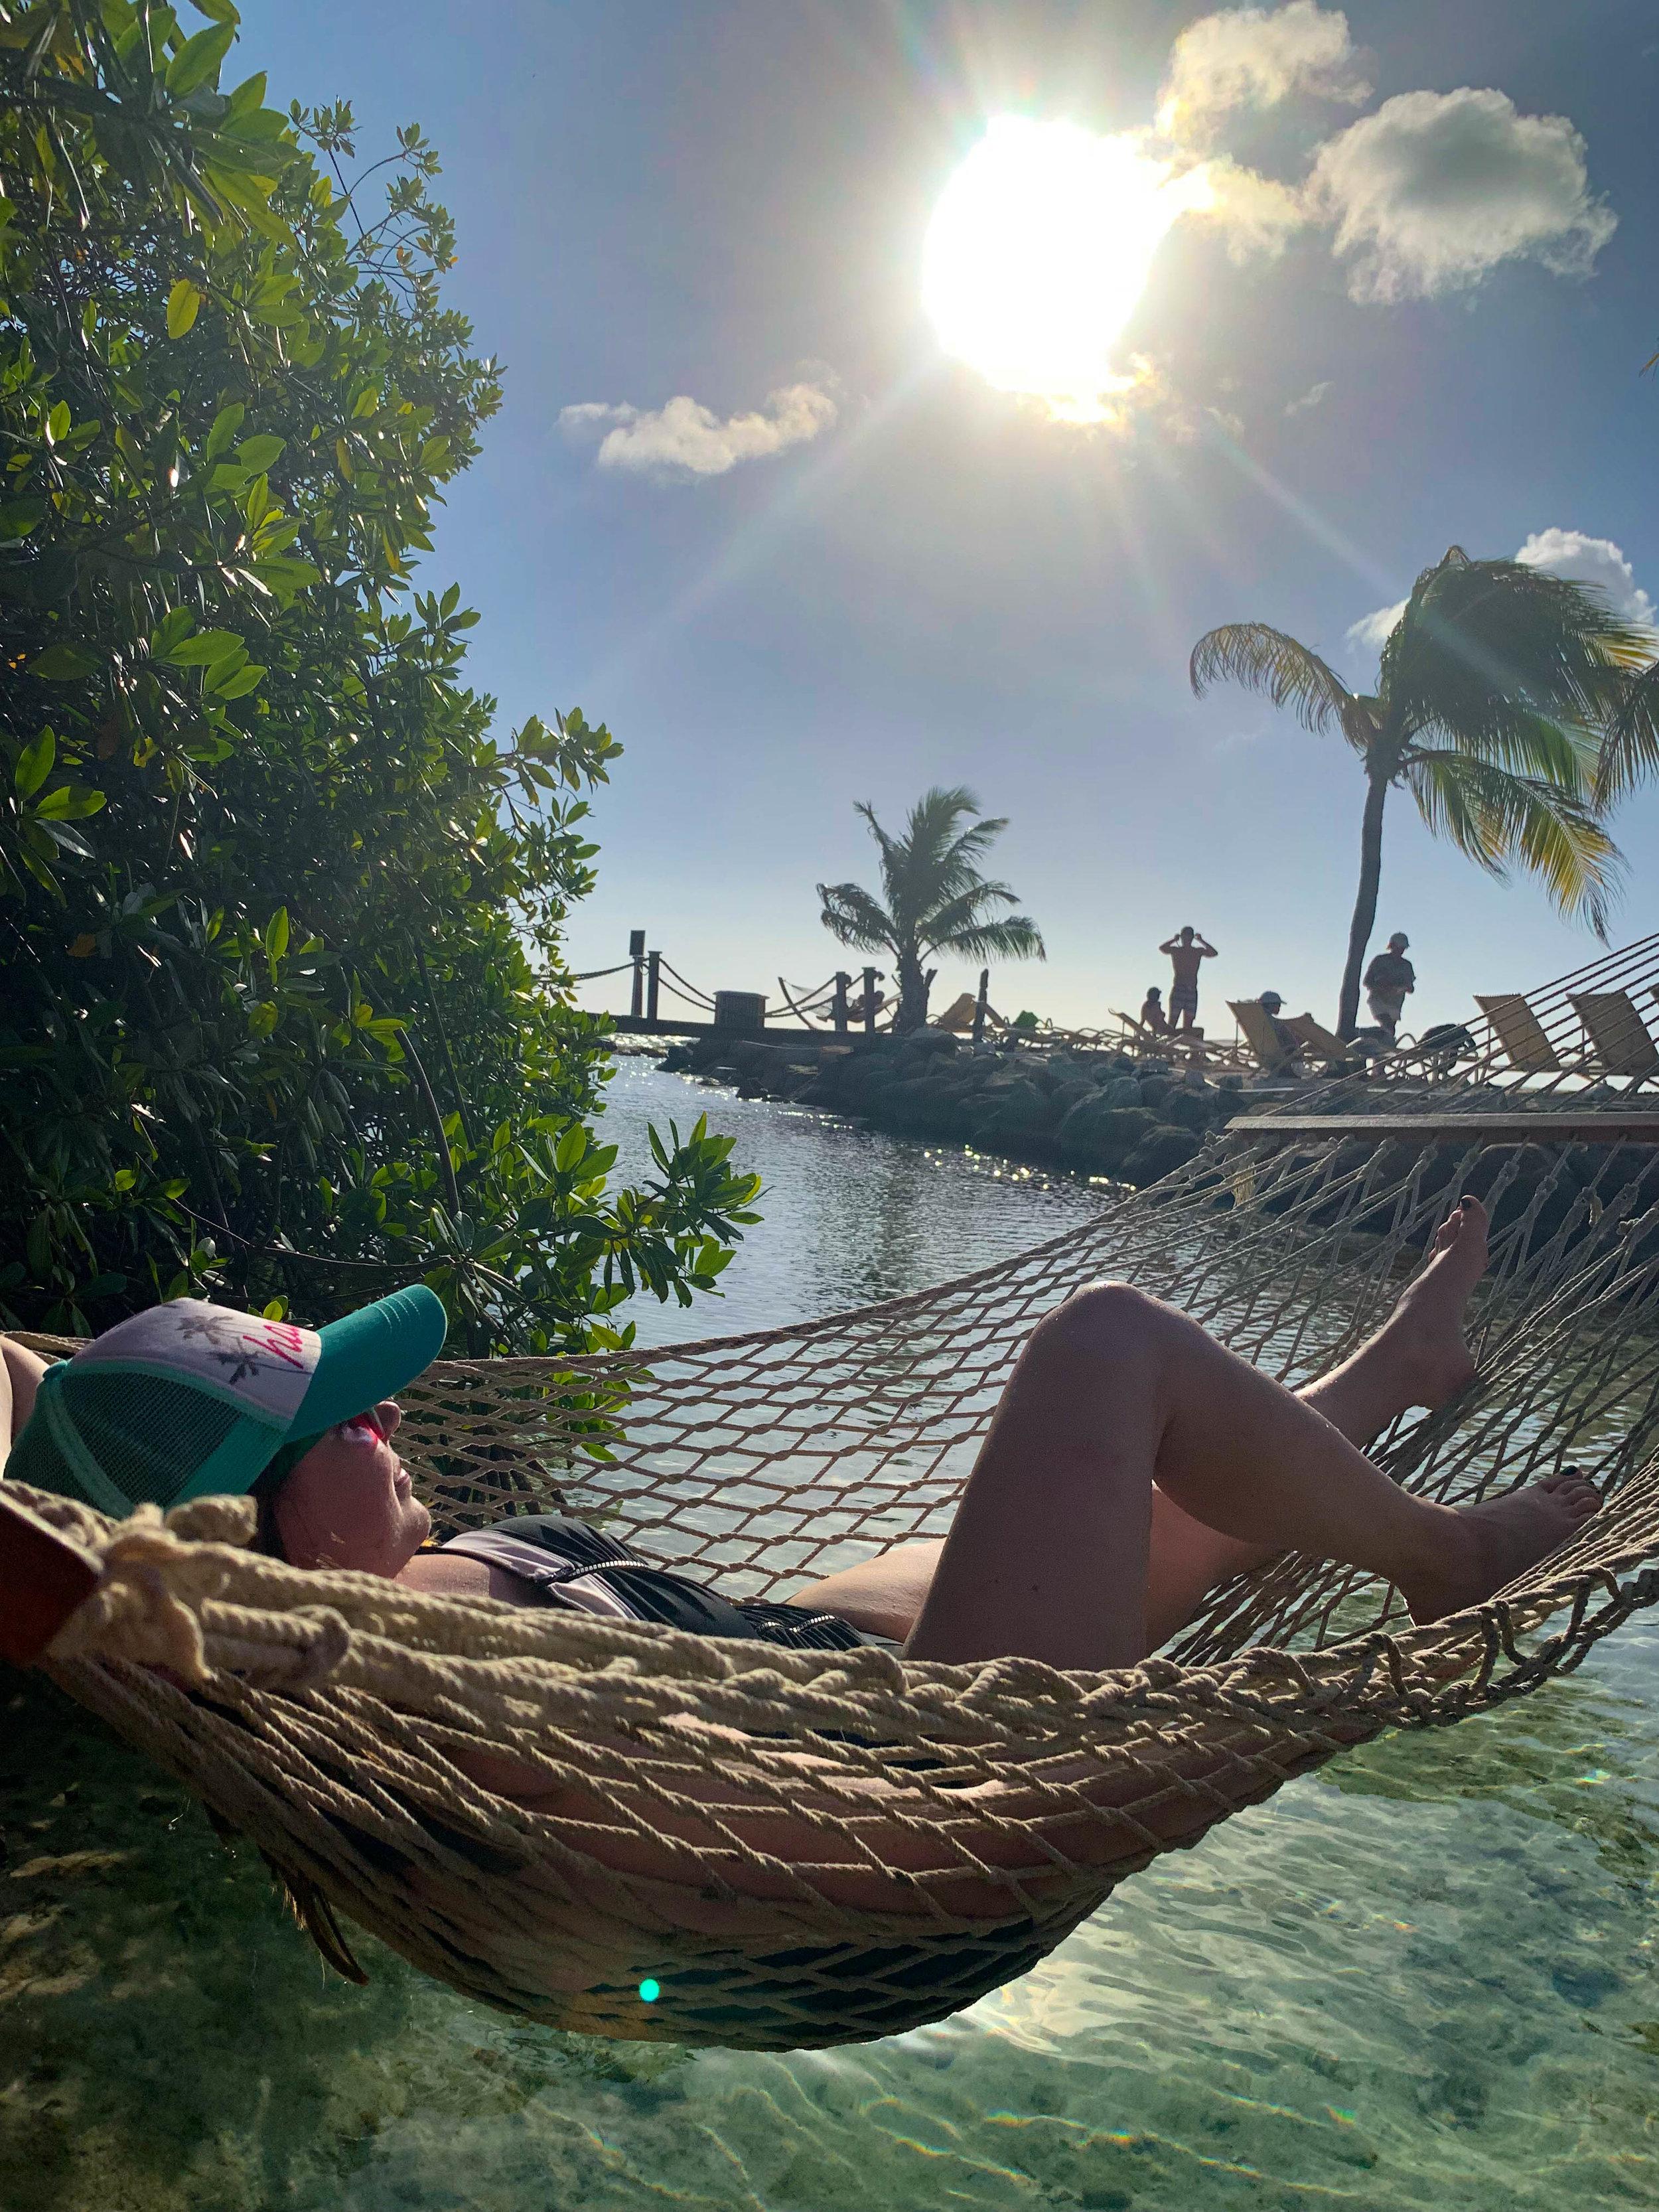 Aruba-Flamingo-Island-Hammock.jpg